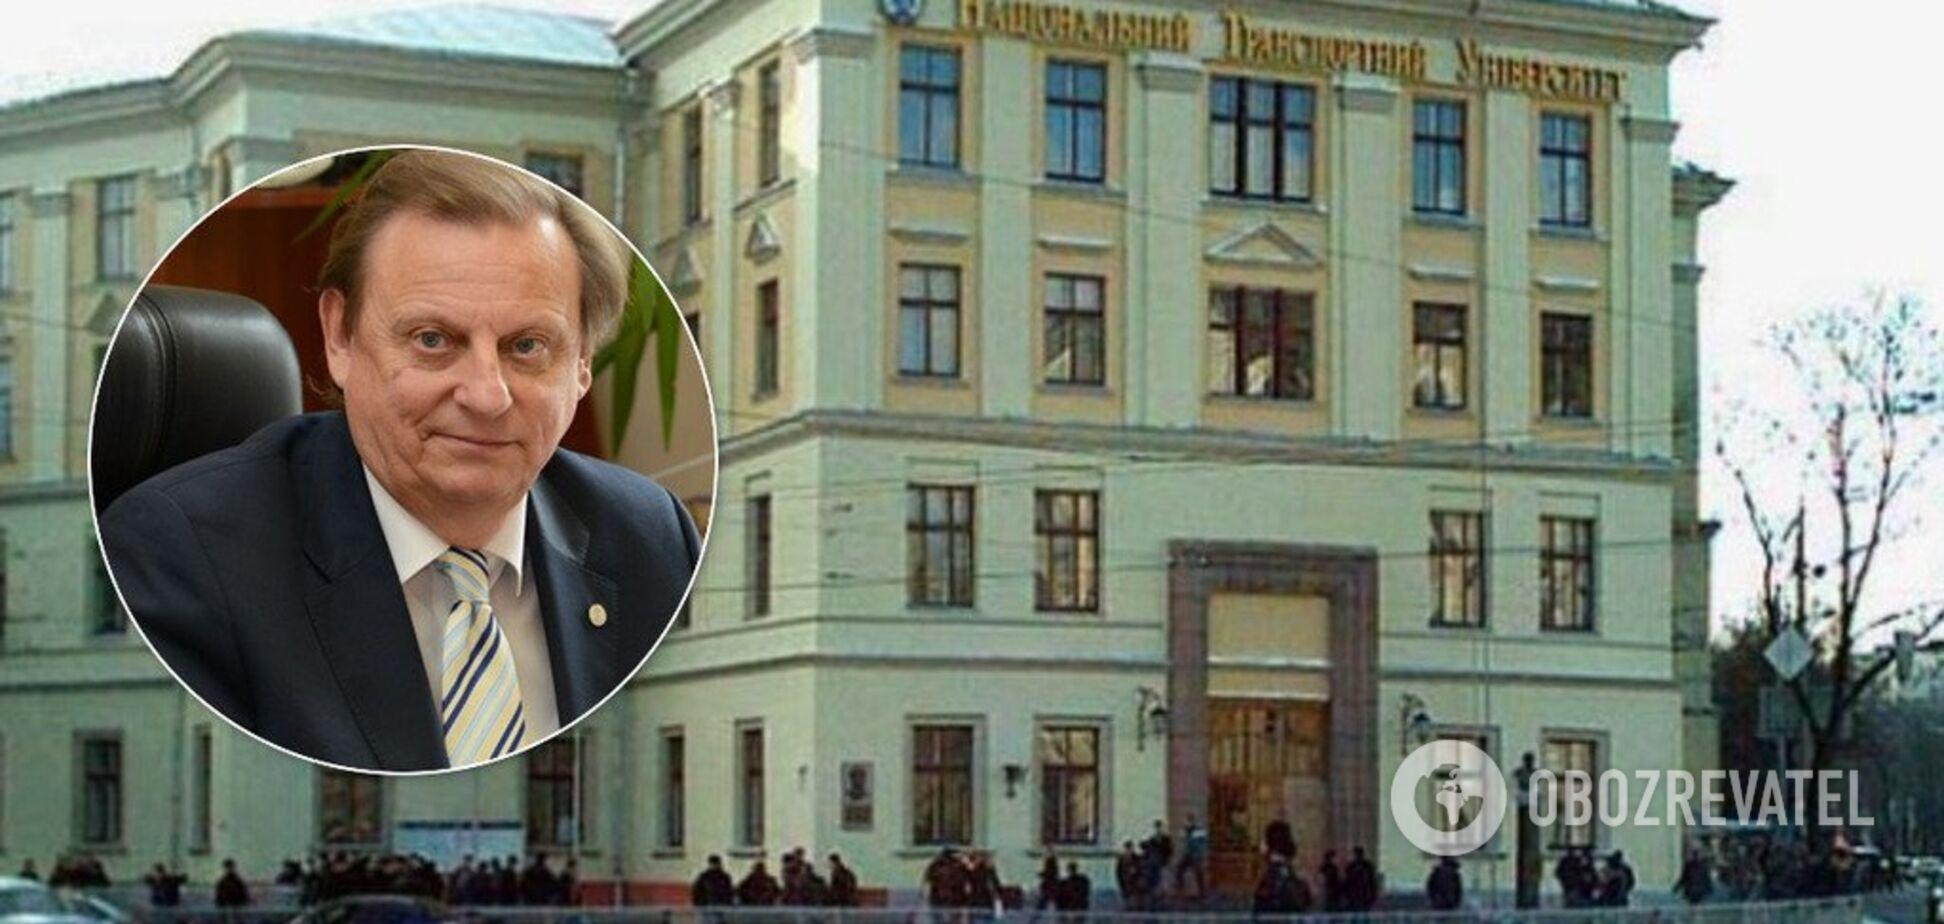 'Ти ох*їв, суч*ра?' Проректор київського вишу зірвався через звинувачення в корупції. Відео 18+